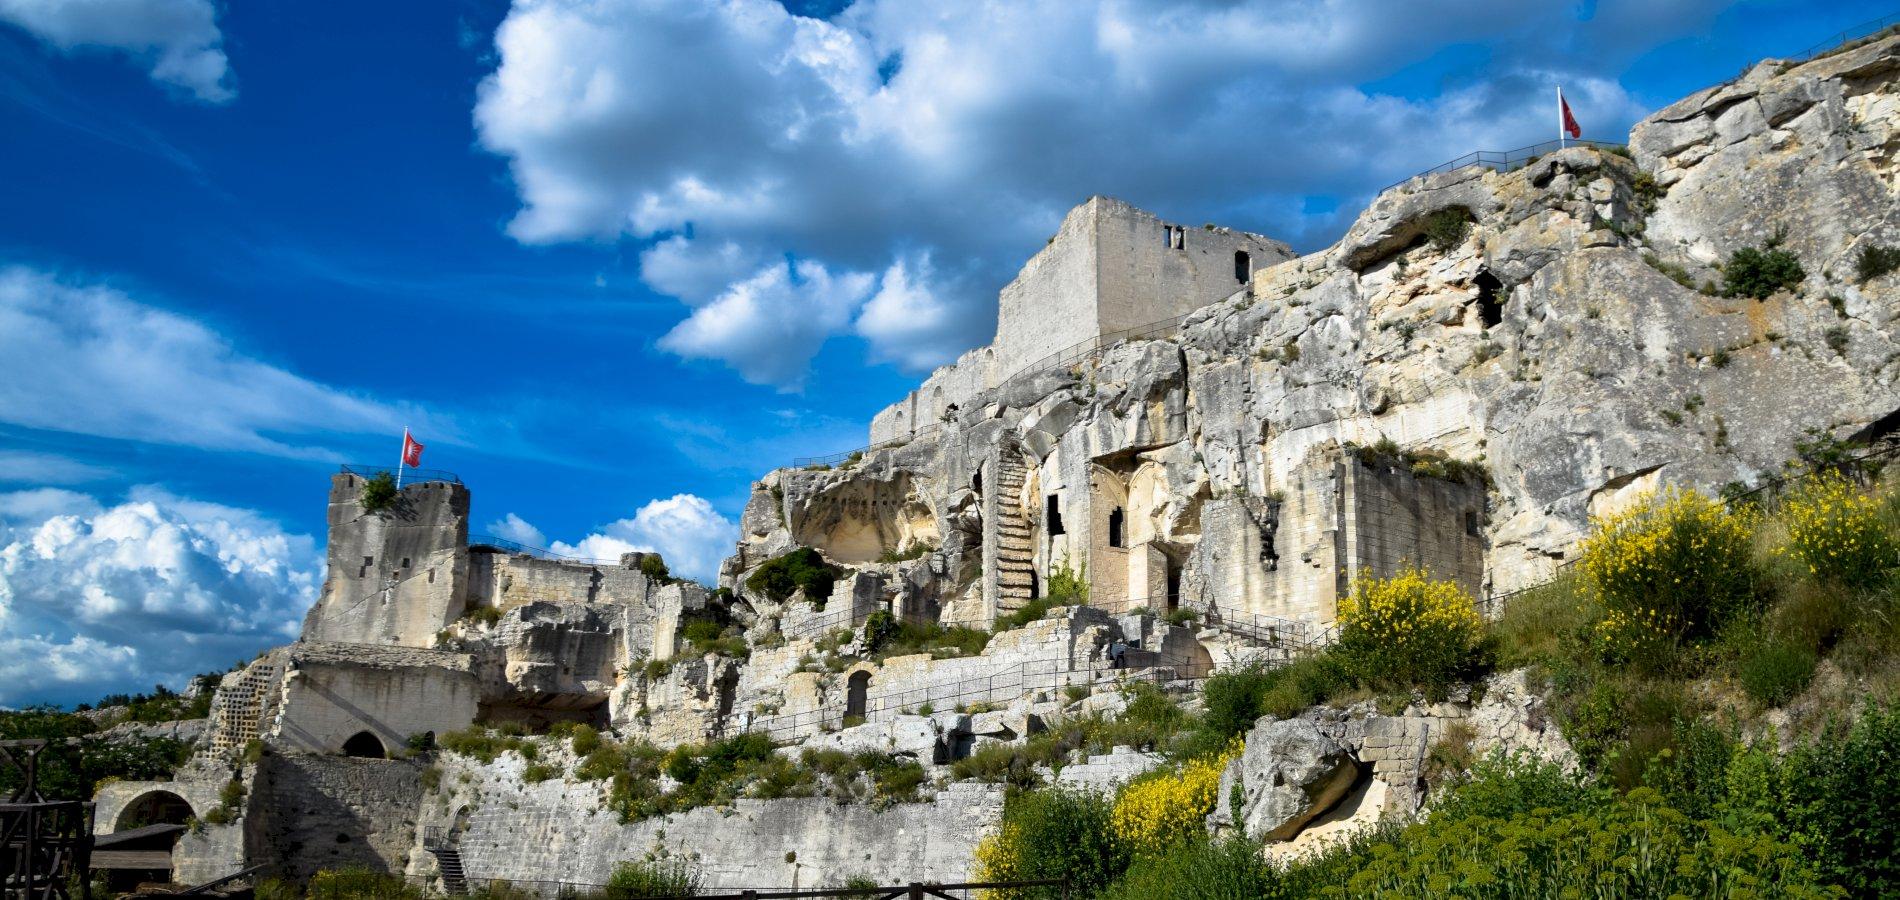 Ophorus Tours - St Rémy & Les Baux de Provence, Arles visit Private Shore Excursion From Marseille